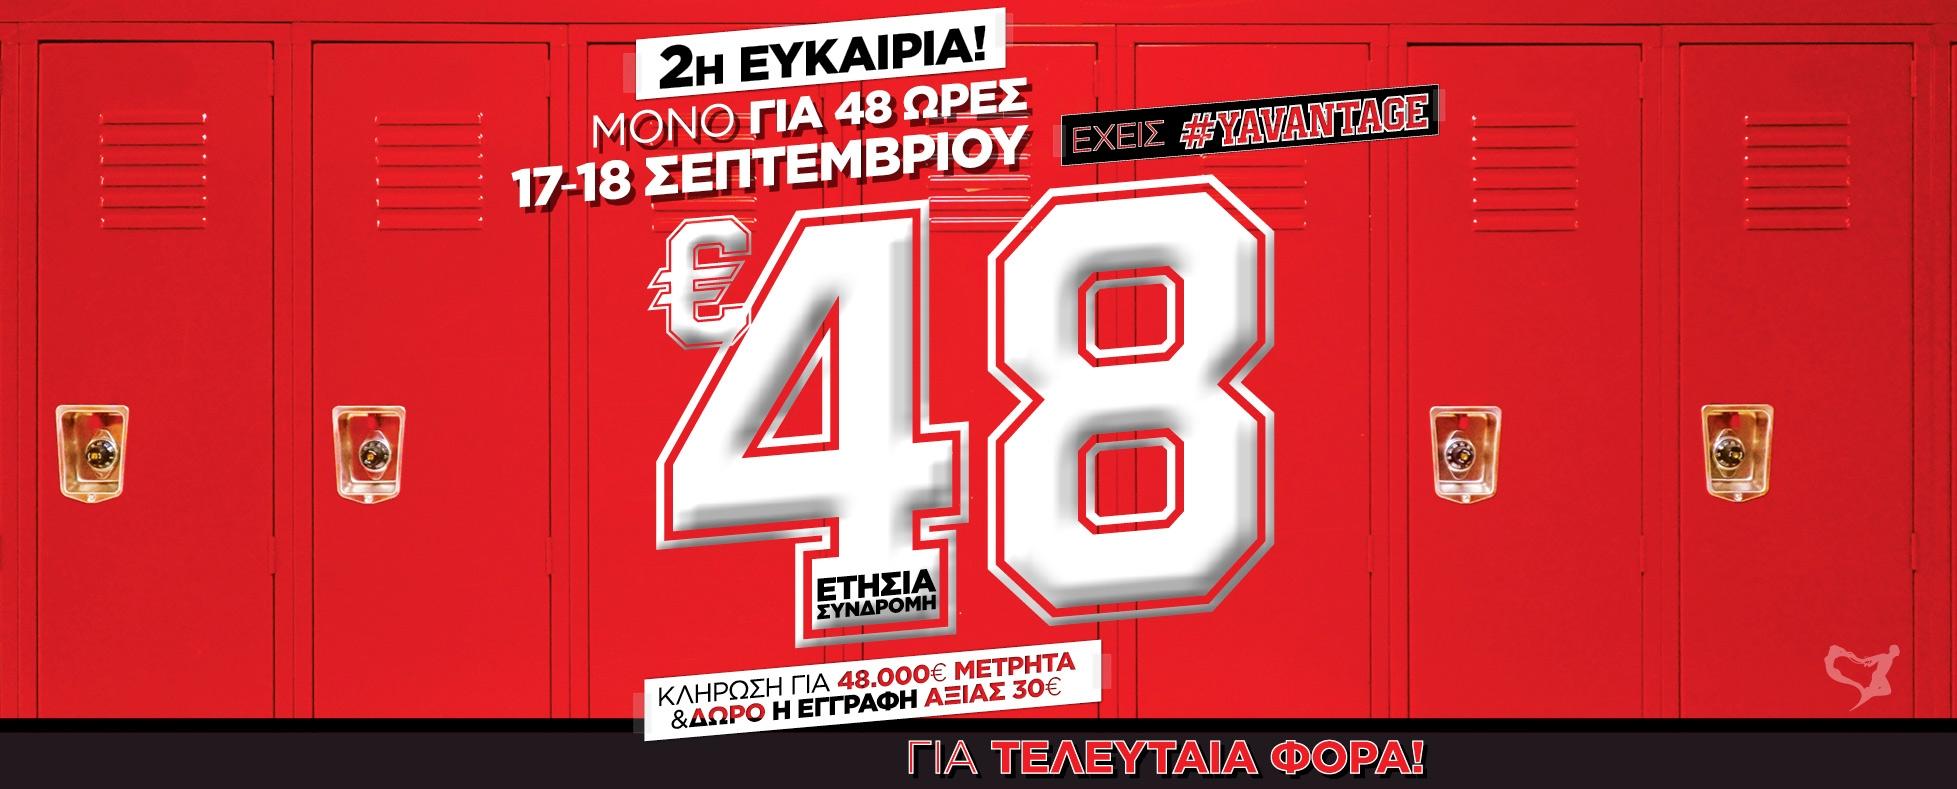 #YAVANTAGE - 2η ΕΥΚΑΙΡΙΑ - ΕΤΗΣΙΑ ΣΥΝΔΡΟΜΗ ΜΕ 48€